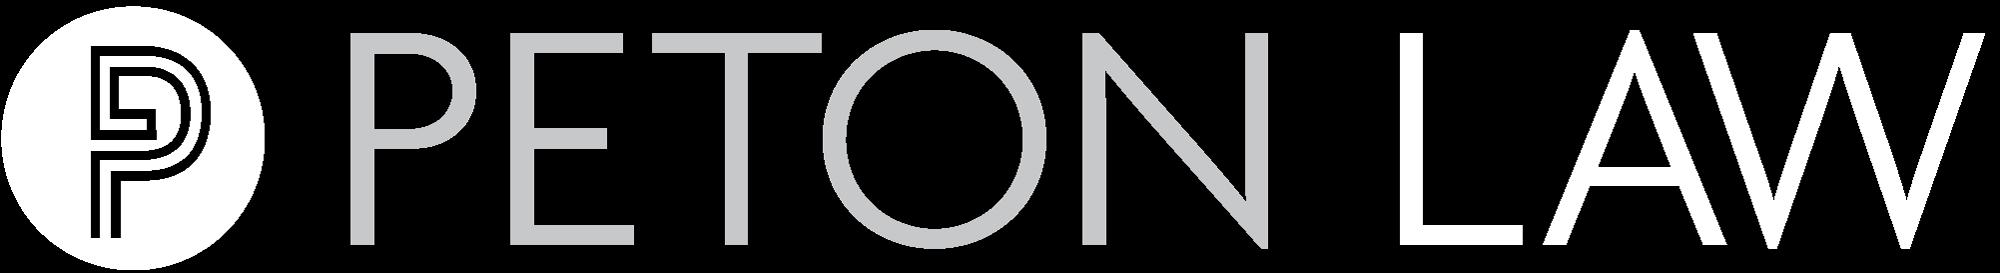 Peton Law Logo Reversed